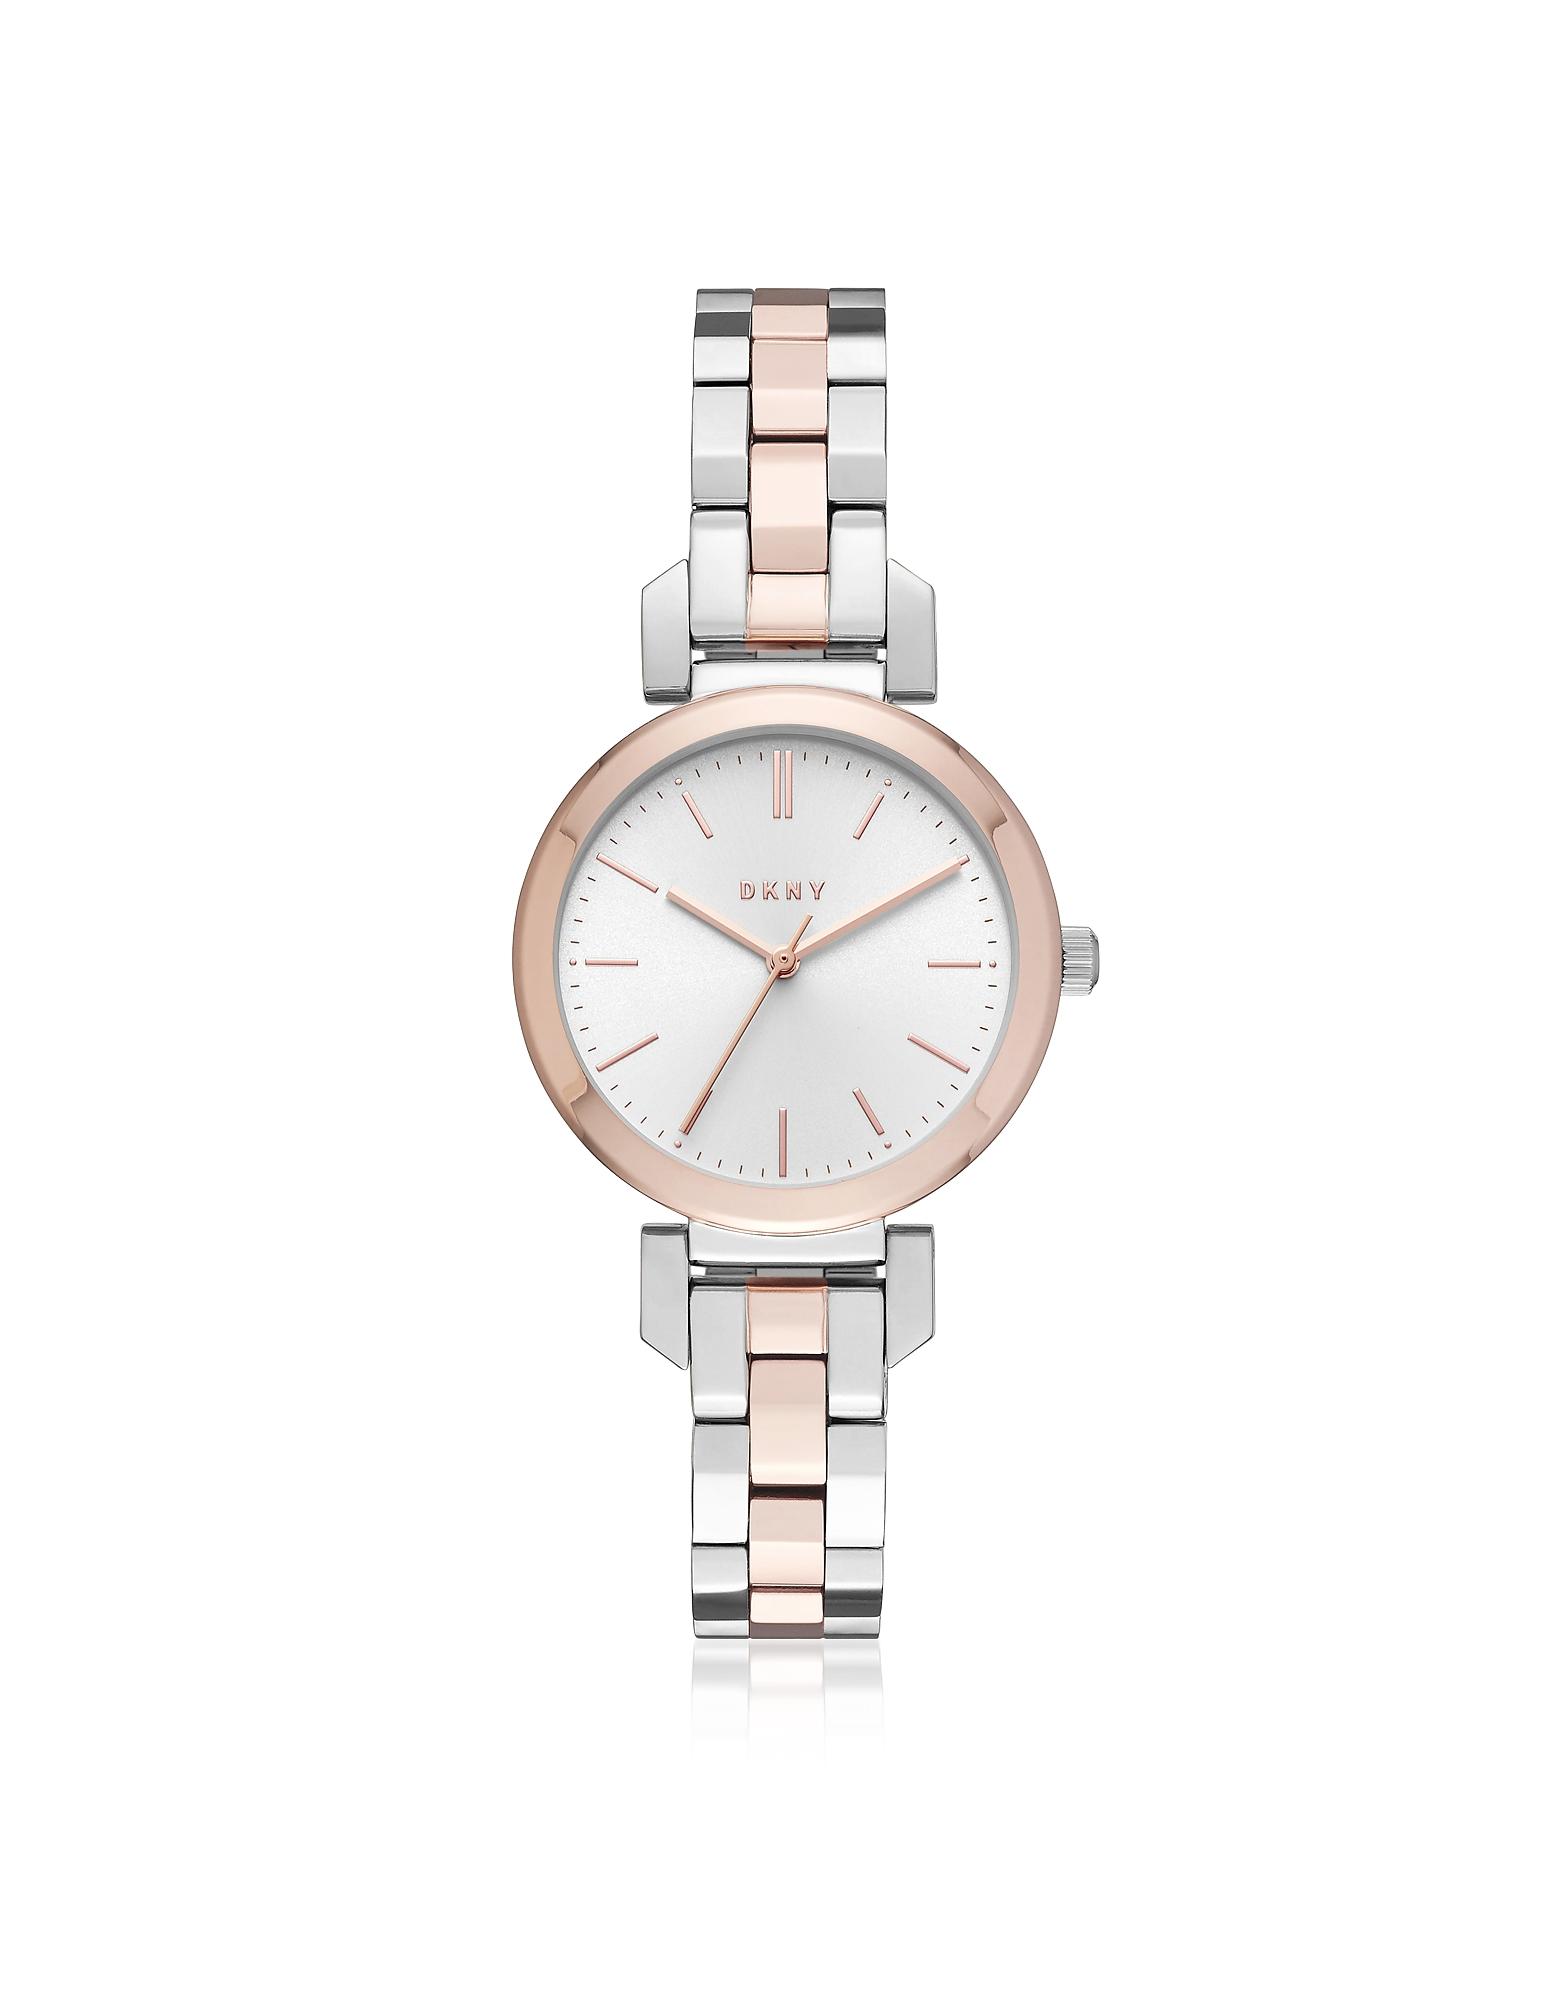 DKNY Women's Watches, Ellington 28mm Two-Tone Women's Watch